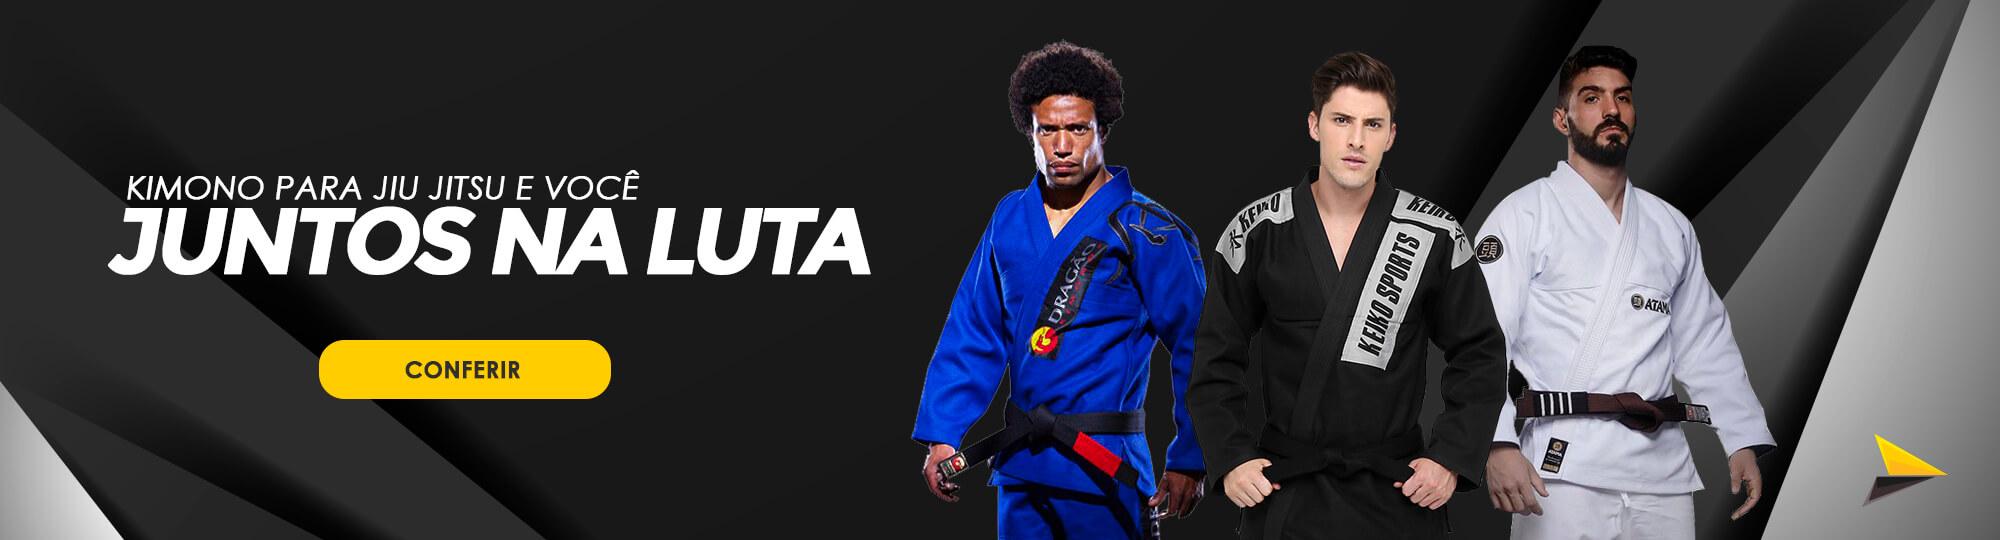 kimonos para jiu jiu jitsu